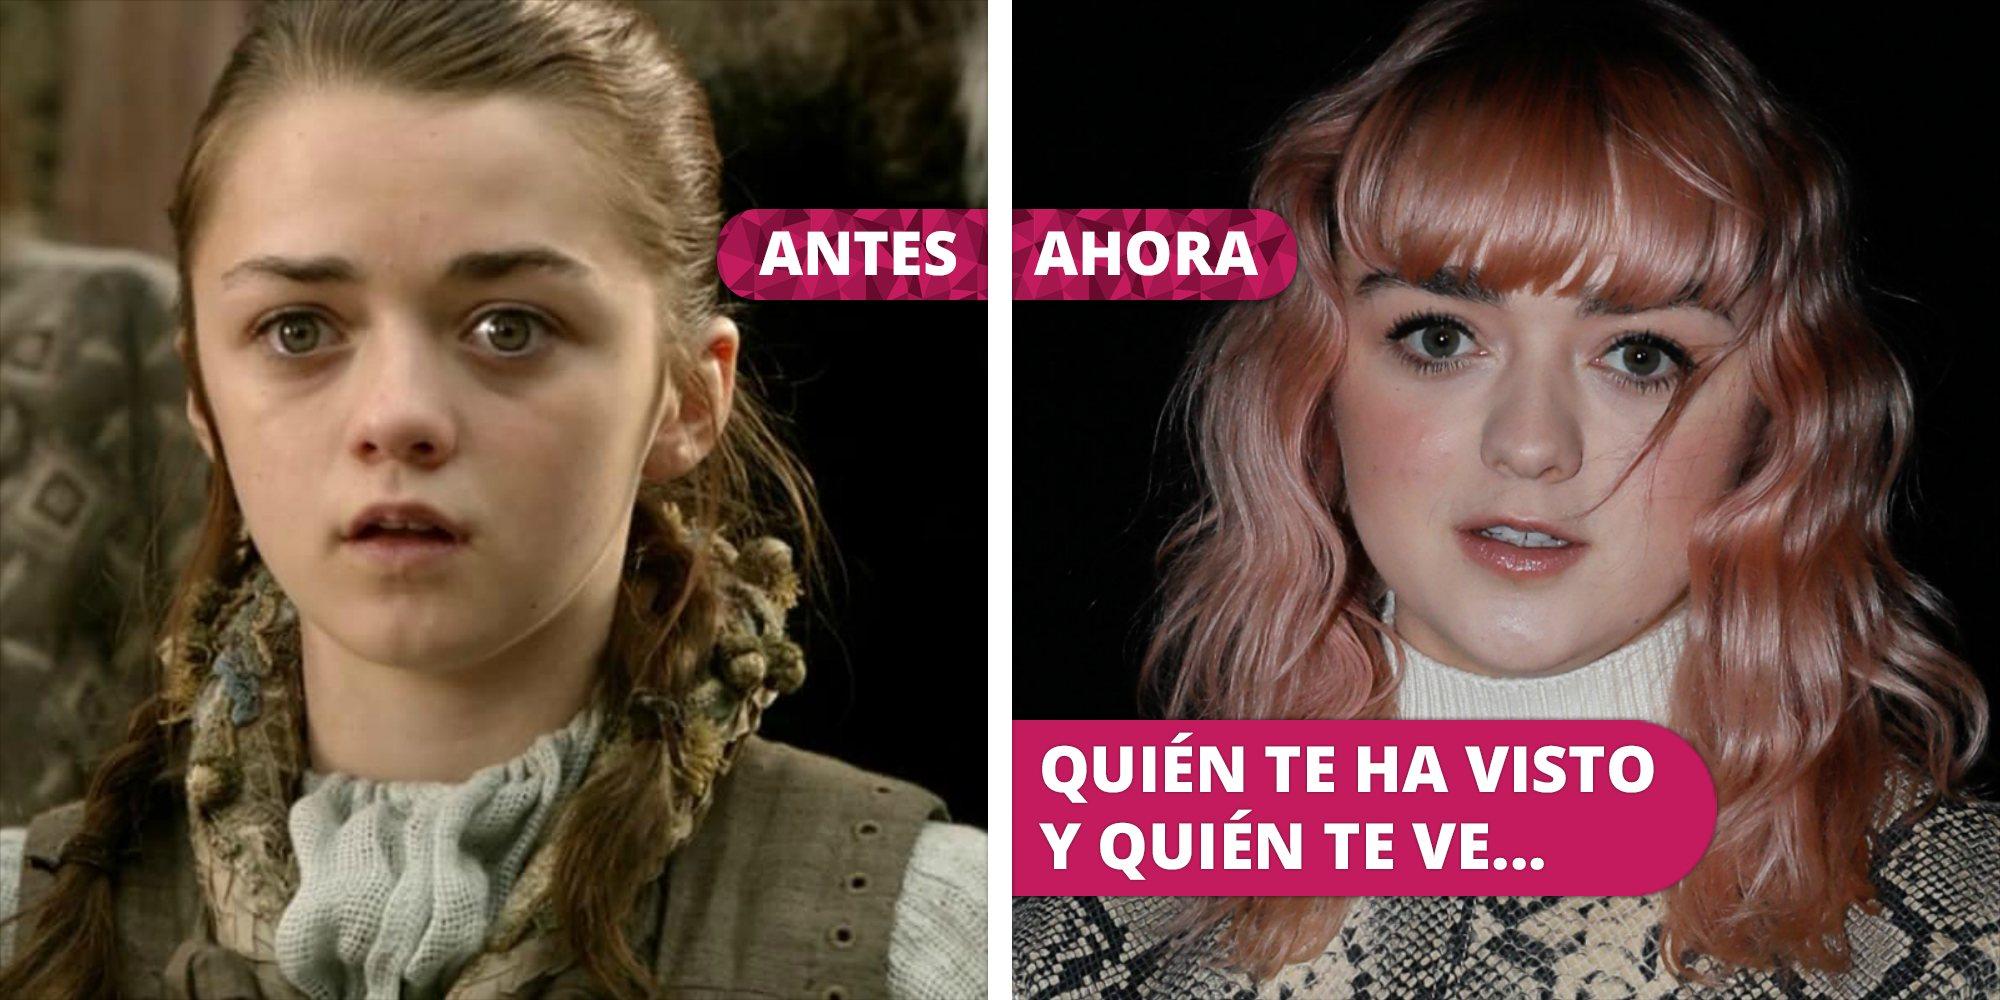 Así ha cambiado Maisie Williams: La transformación de la actriz de 'Juego de Tronos' desde que debutó como Arya Stark